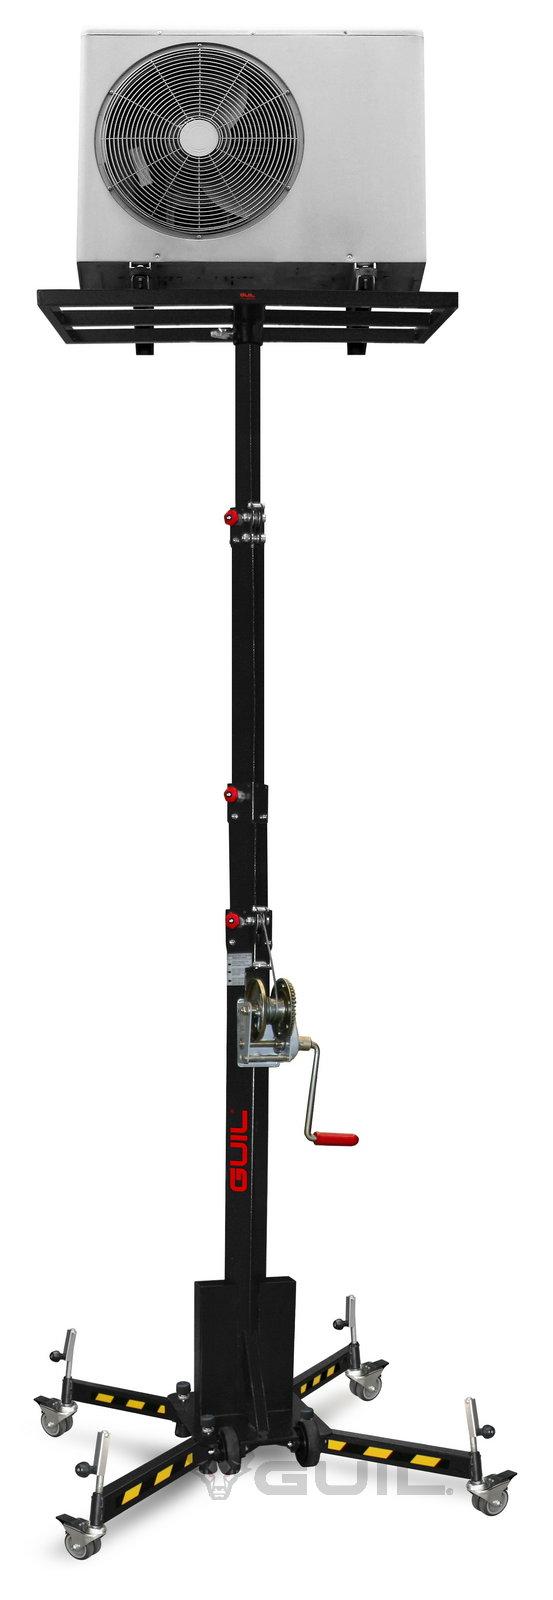 Materiaallift 1,5-4,6 m 125 kg verrijdbaar (dutch) (5)